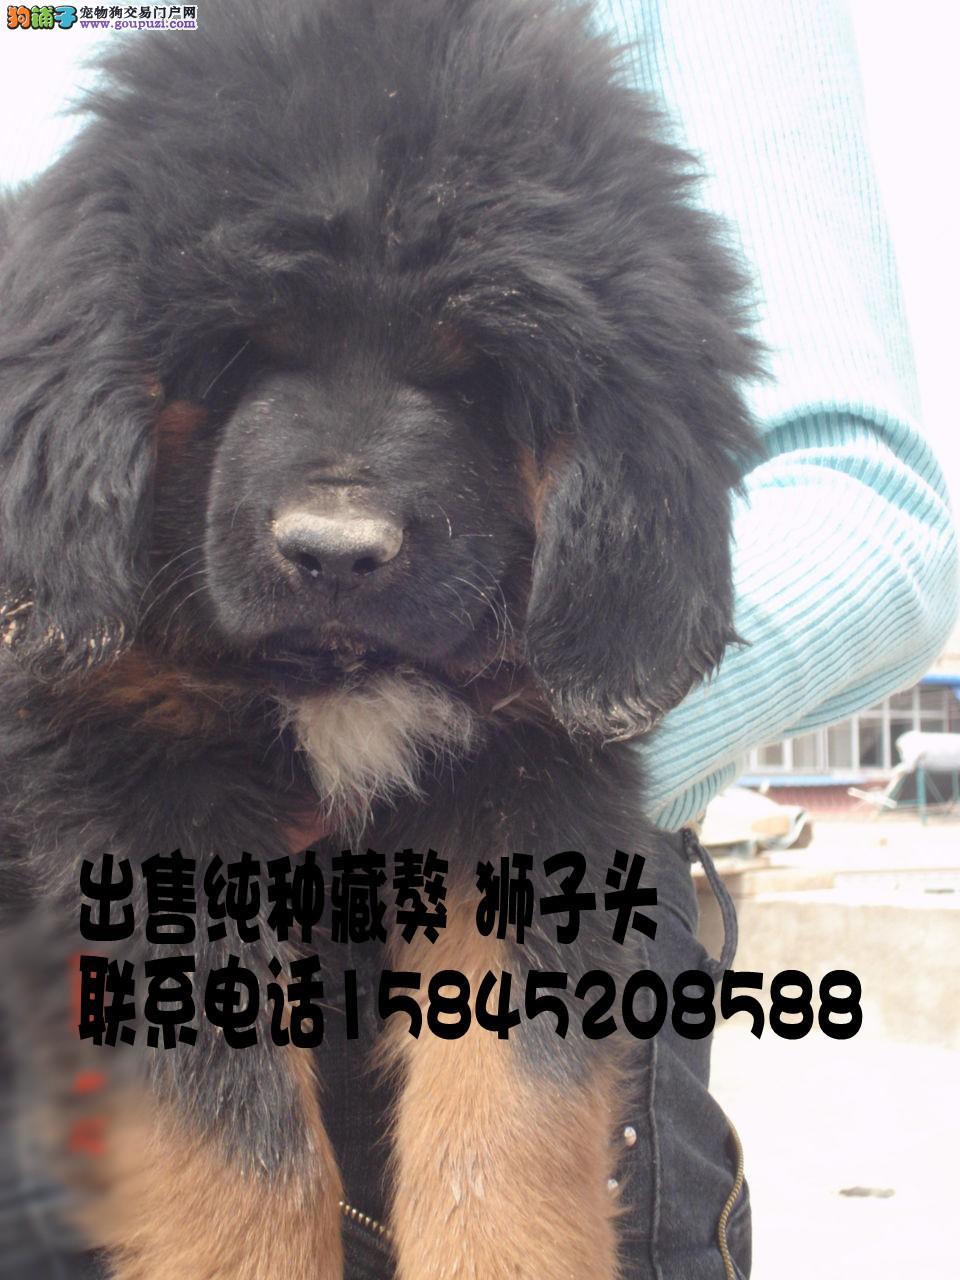 藏獒/出售藏獒幼犬小公极品欢迎来家看狗[一个月公狗]